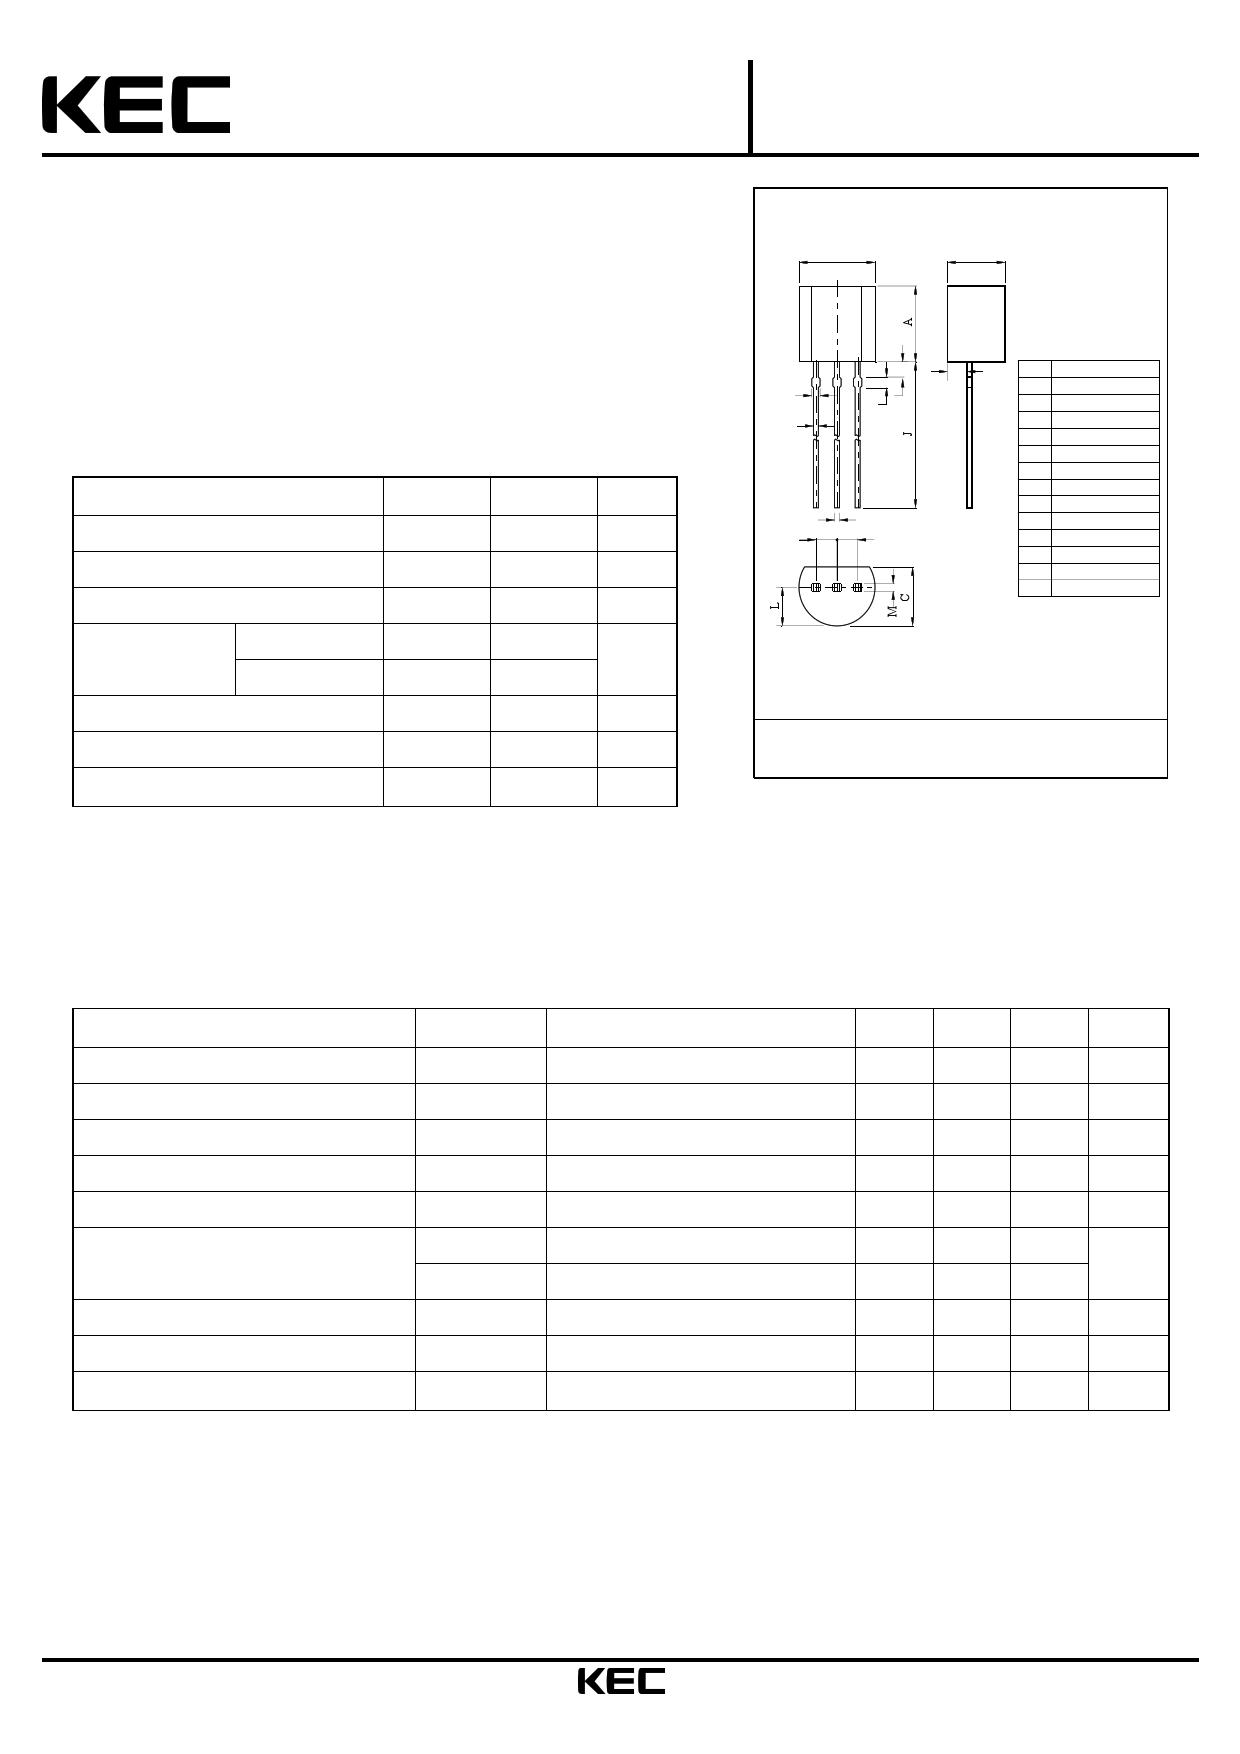 KTD1146 Datenblatt PDF